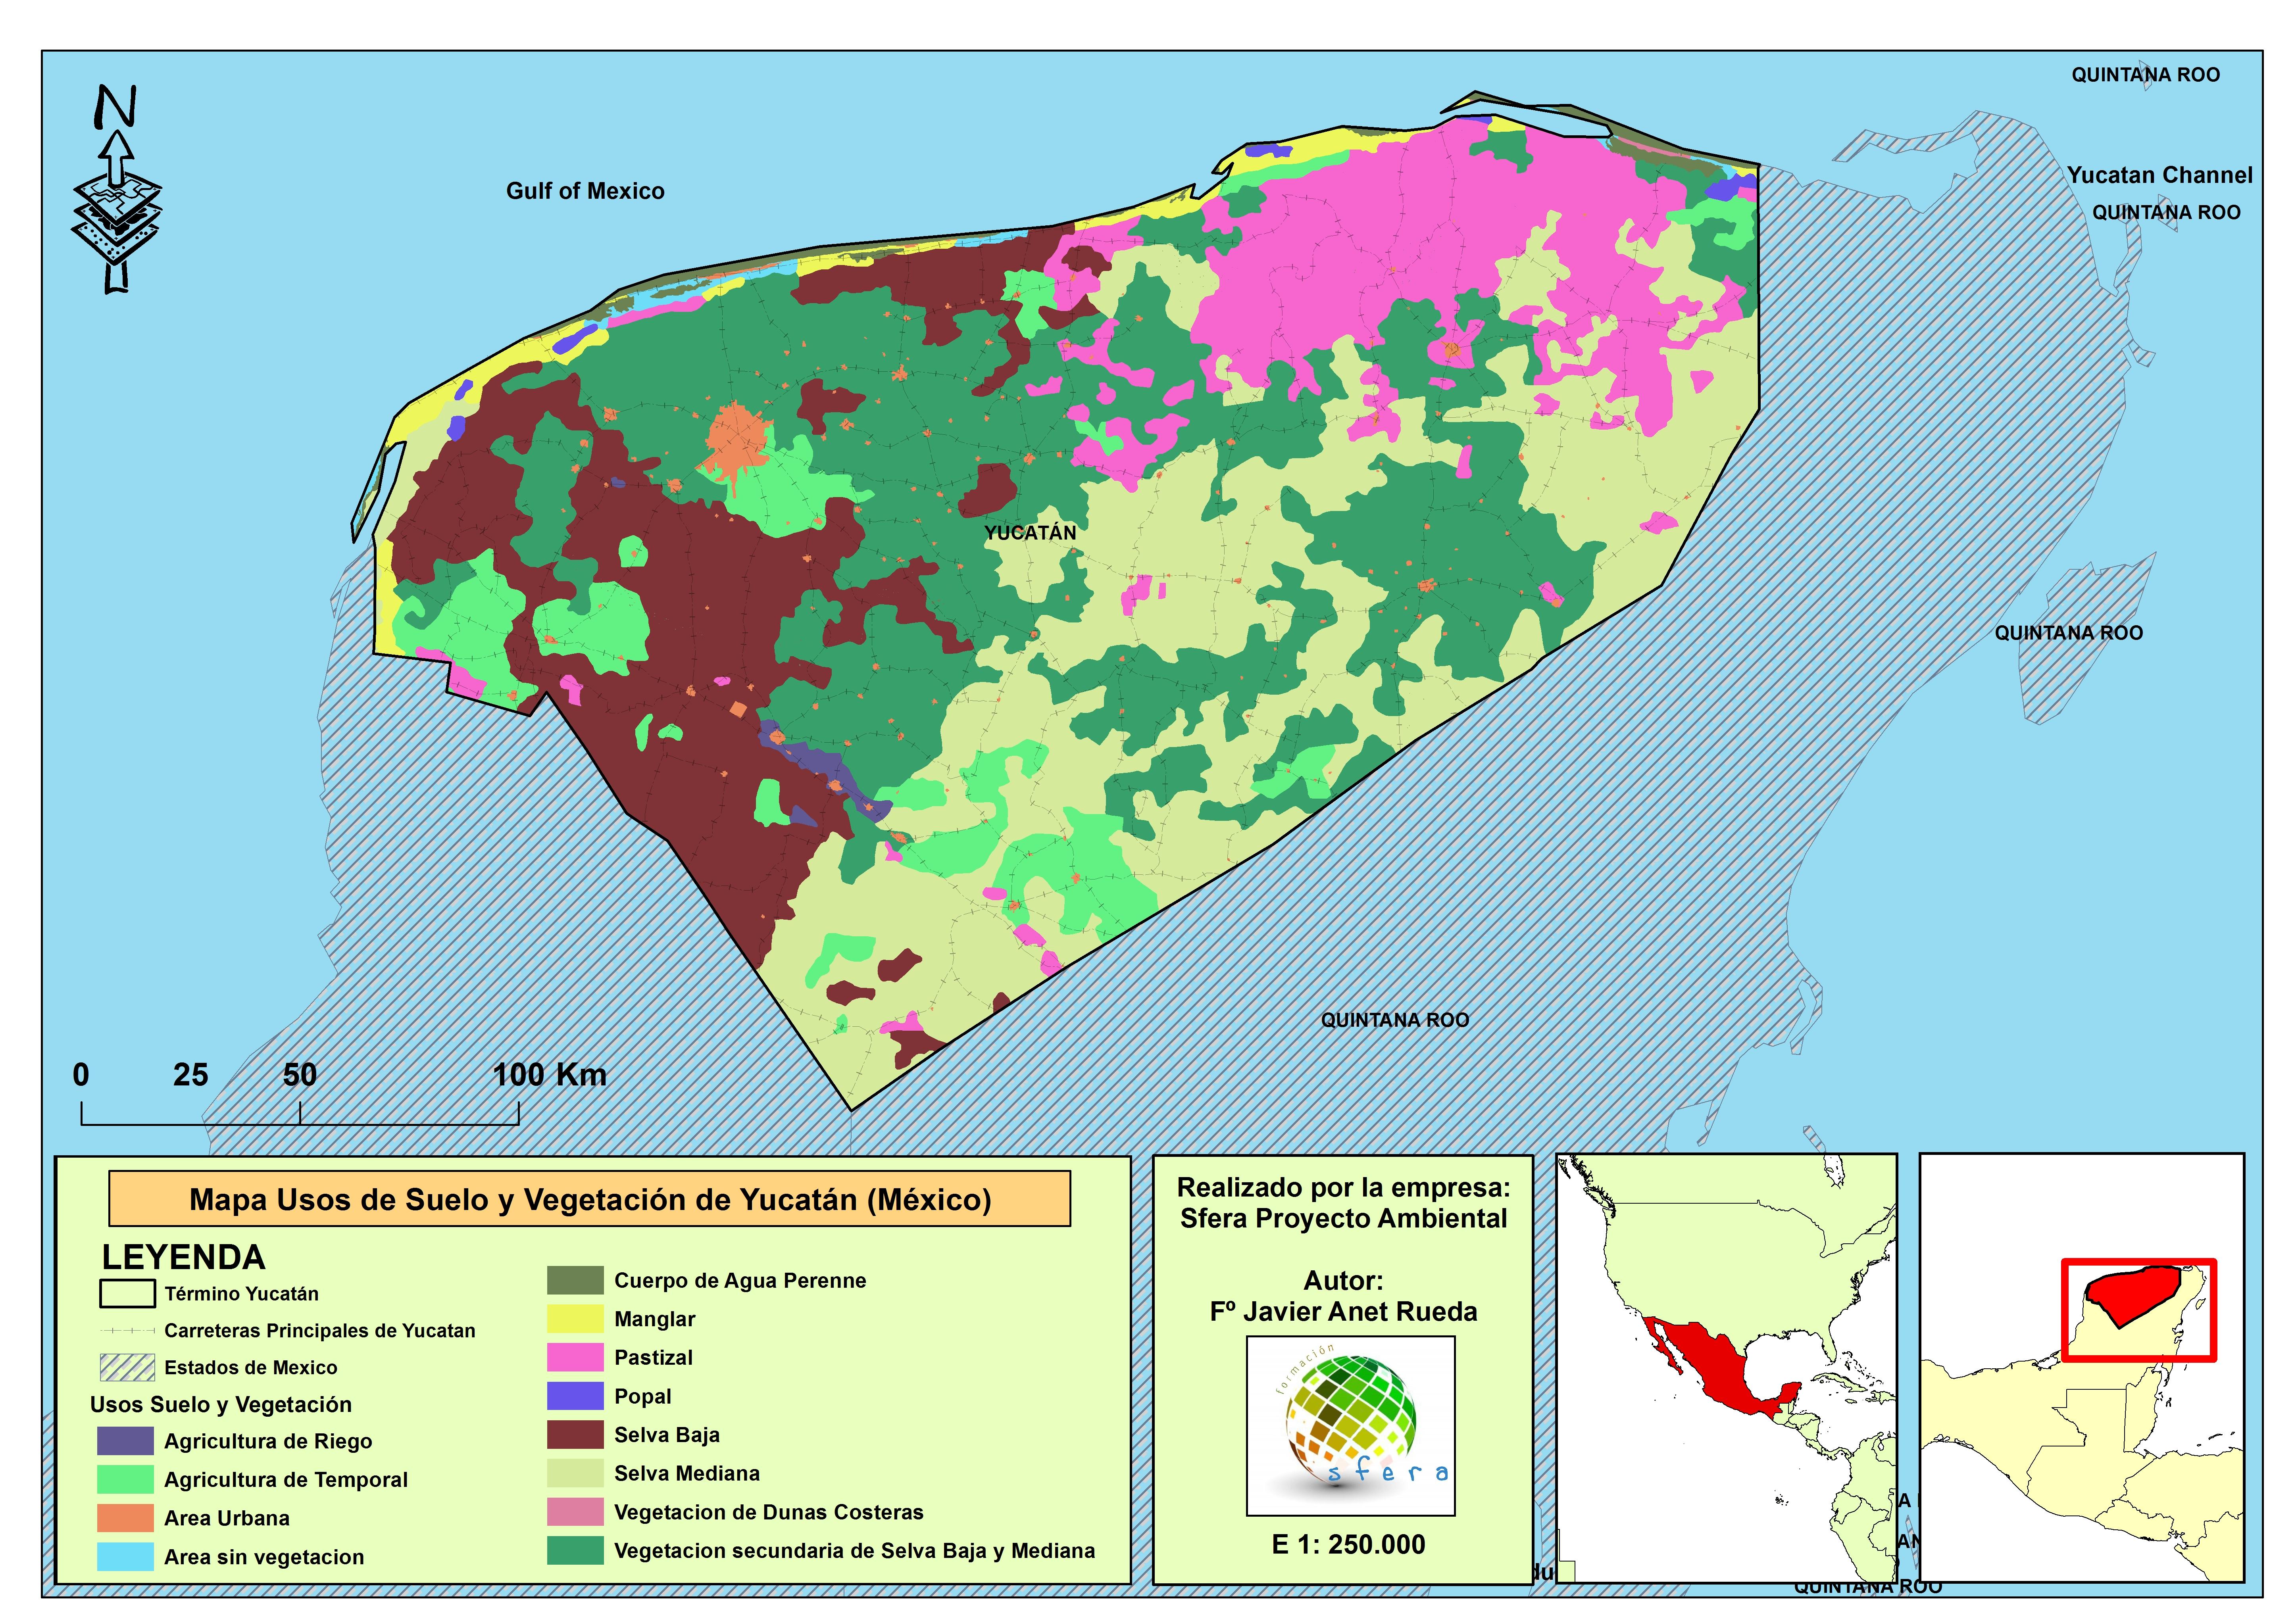 Mapa Usos Suelo y Vegetacin de Yucatn Mxico  Medio Ambiente